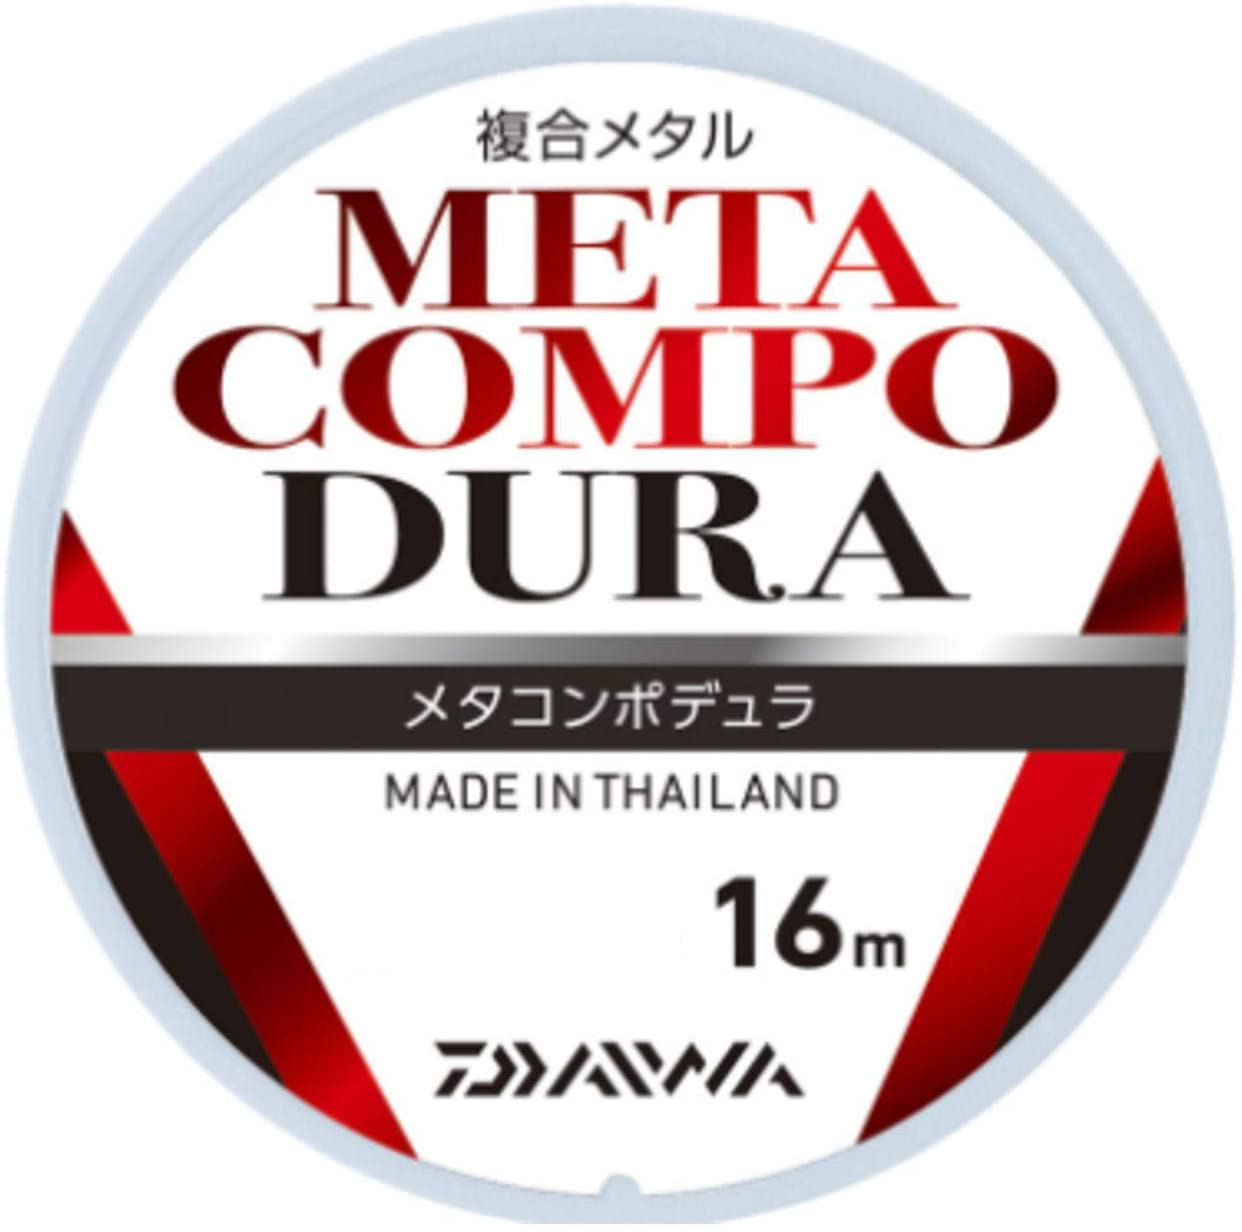 メタコンポデュラ